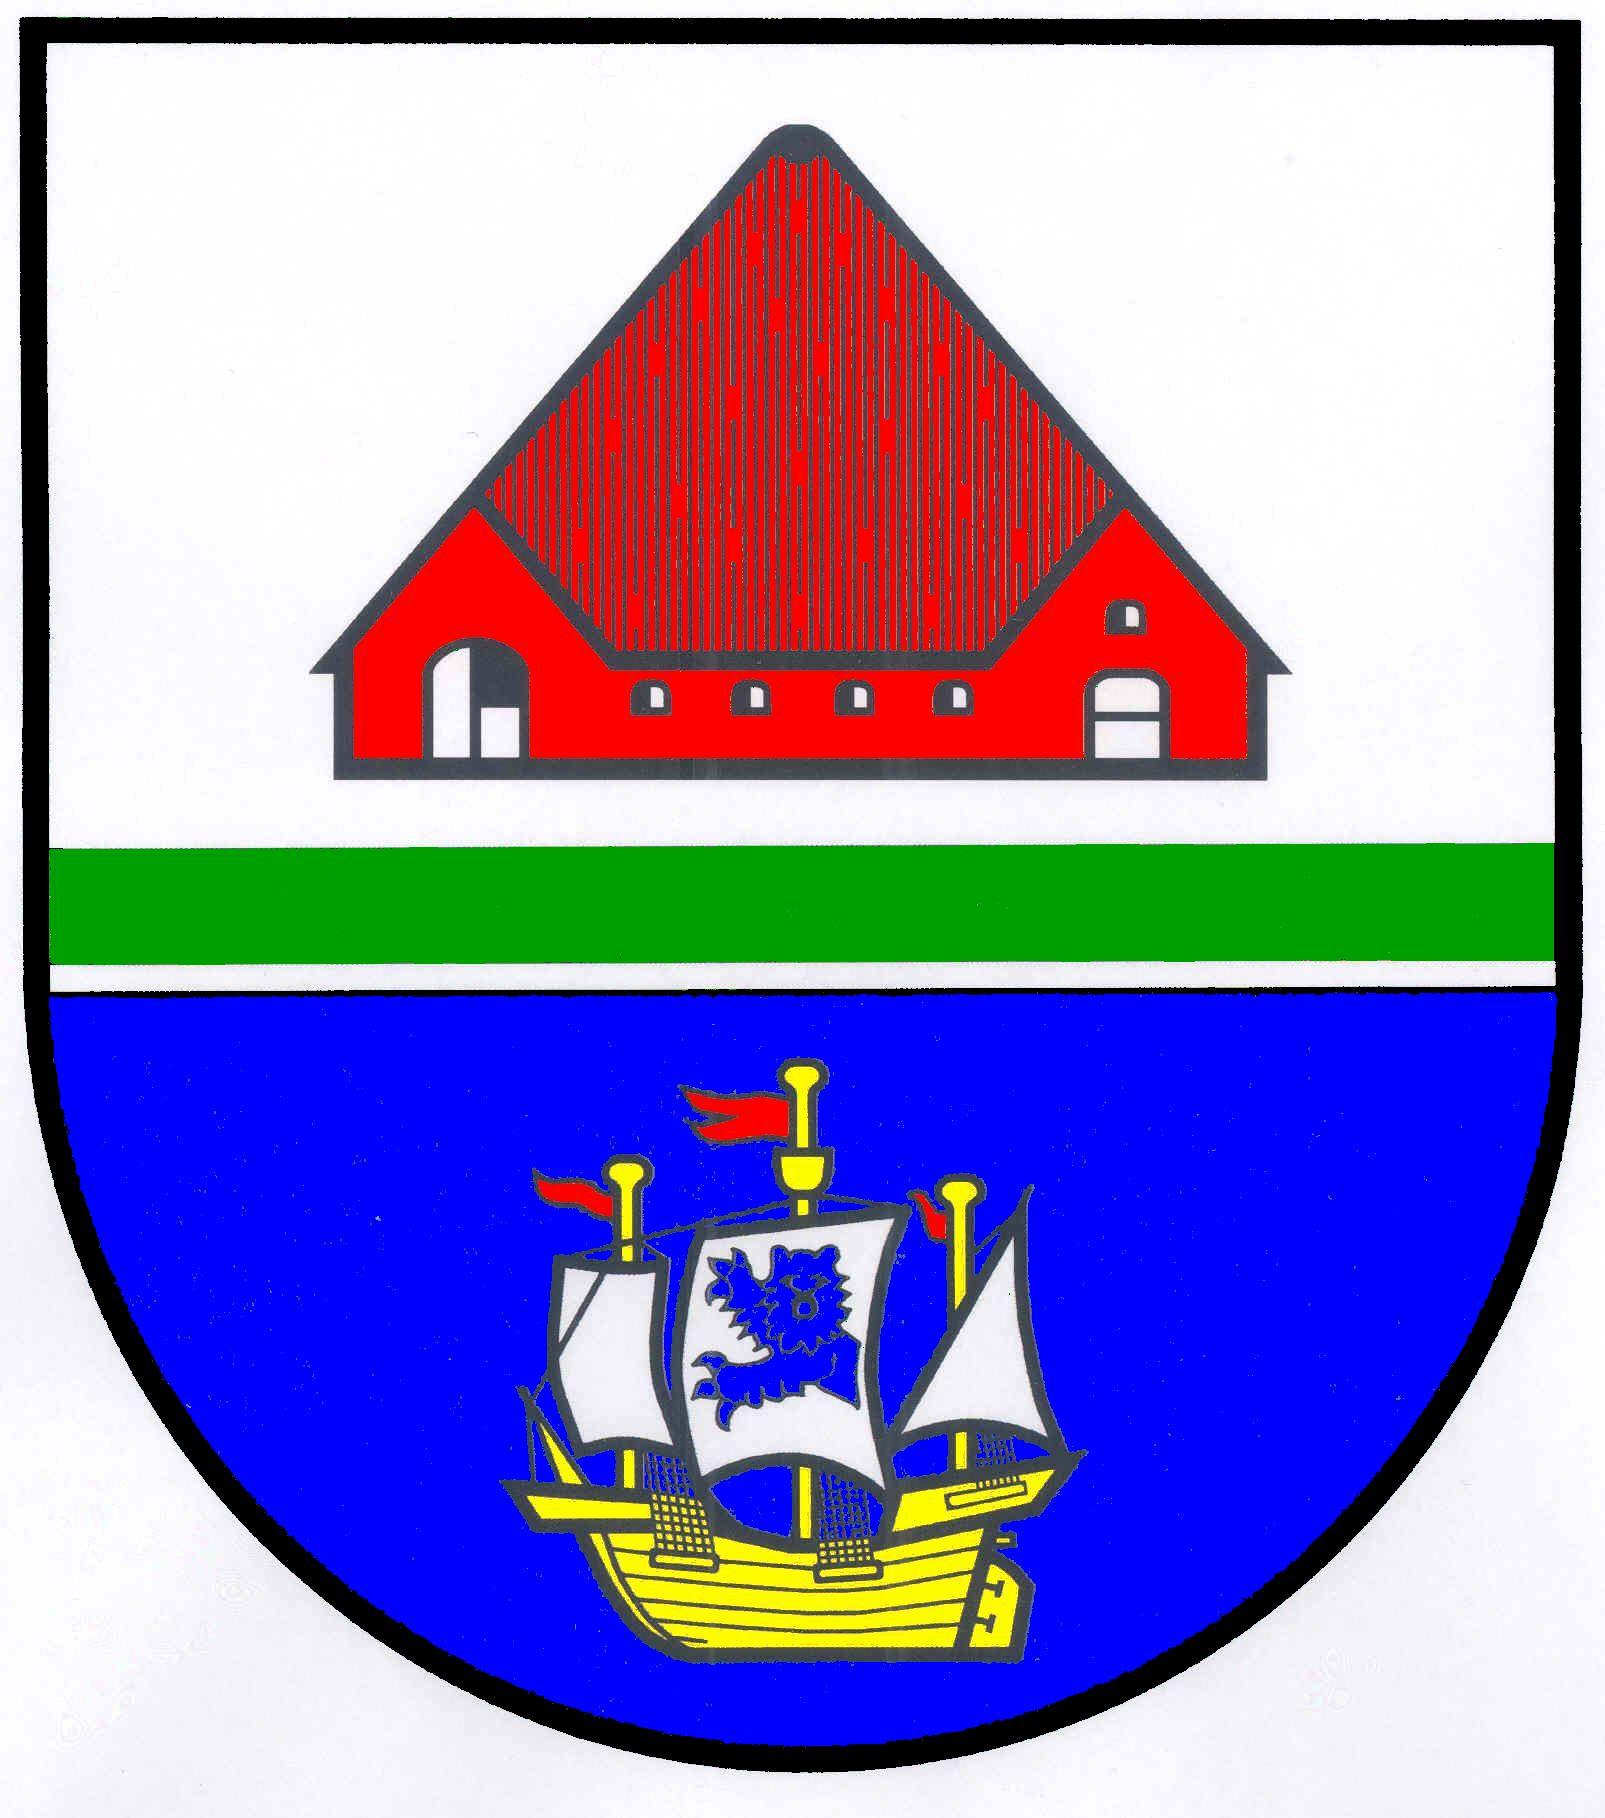 Wappen GemeindeTating, Kreis Nordfriesland